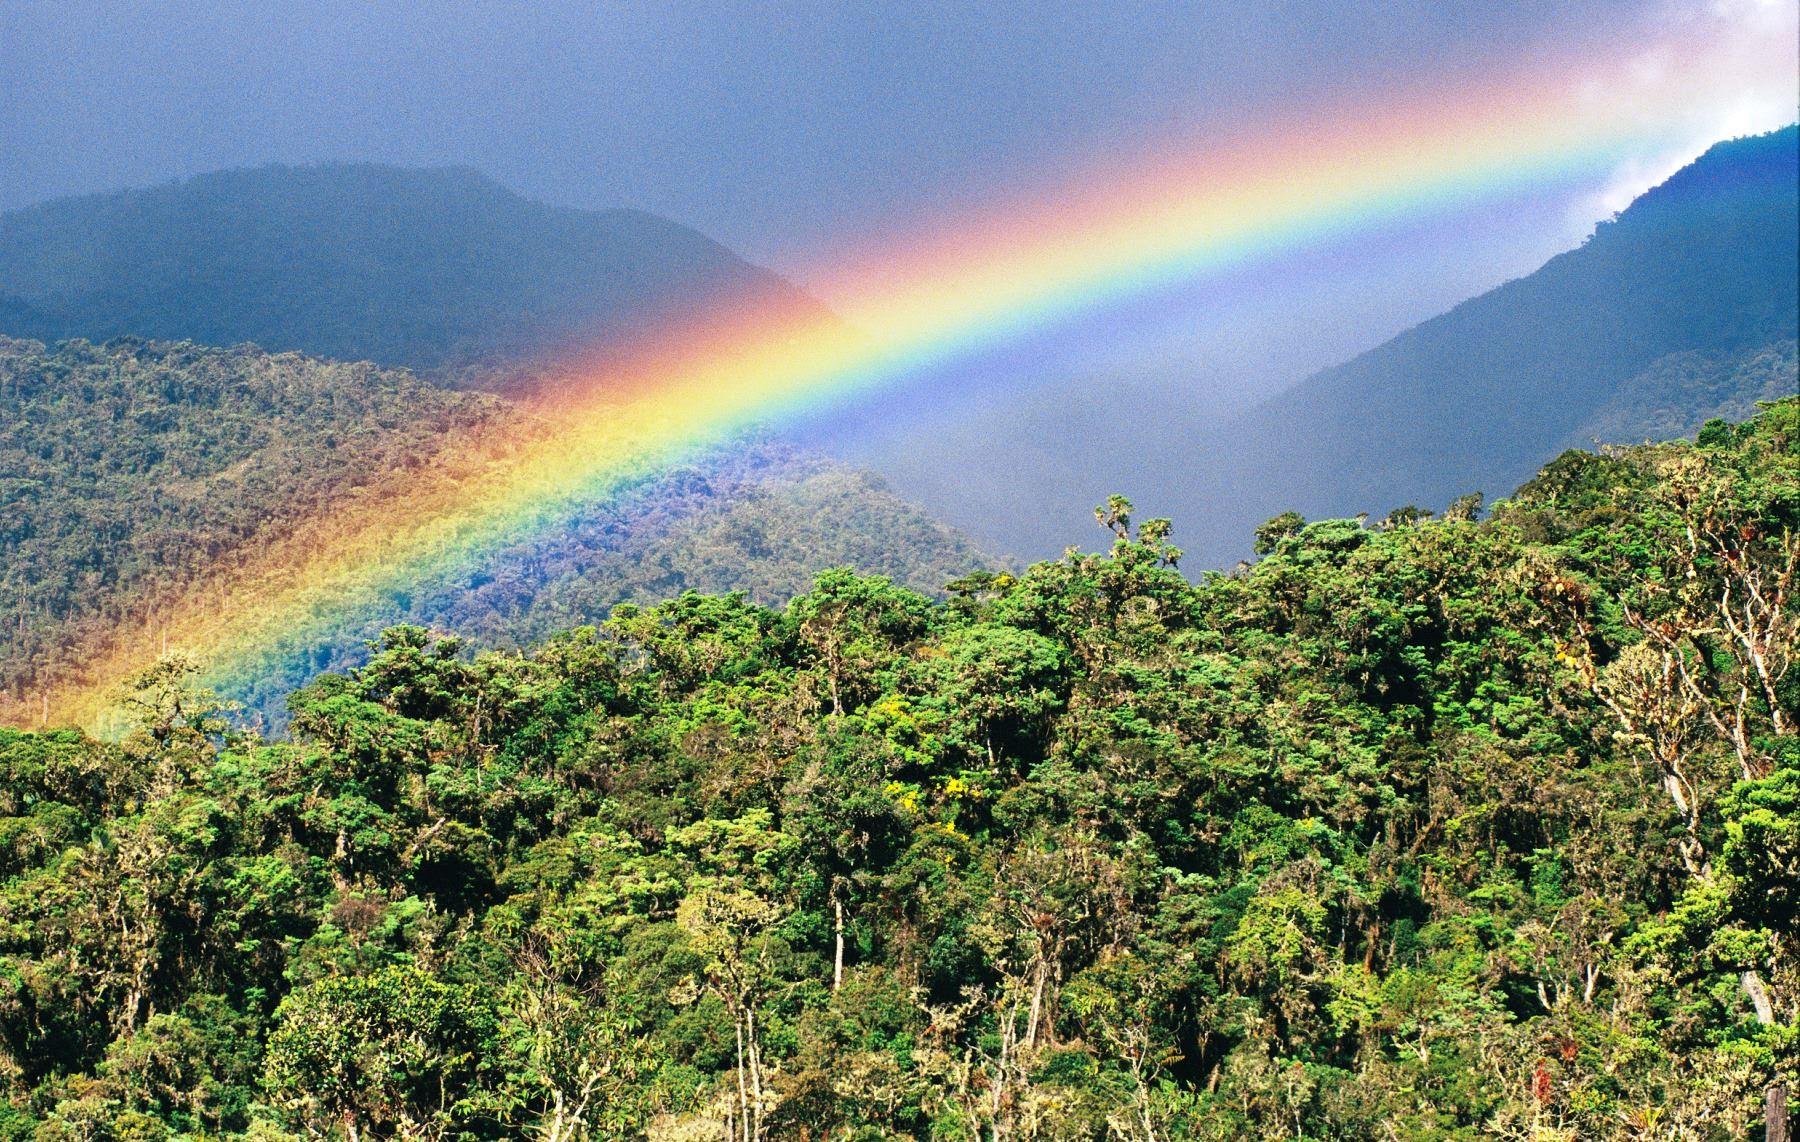 Perú ocupa el cuarto lugar en el mundo como poseedor de bosques tropicales, así como la novena posición entre las naciones con mayor superficie forestal en el planeta, dado que más del 60% de su territorio está compuesto de bosques. ANDINA/Difusión